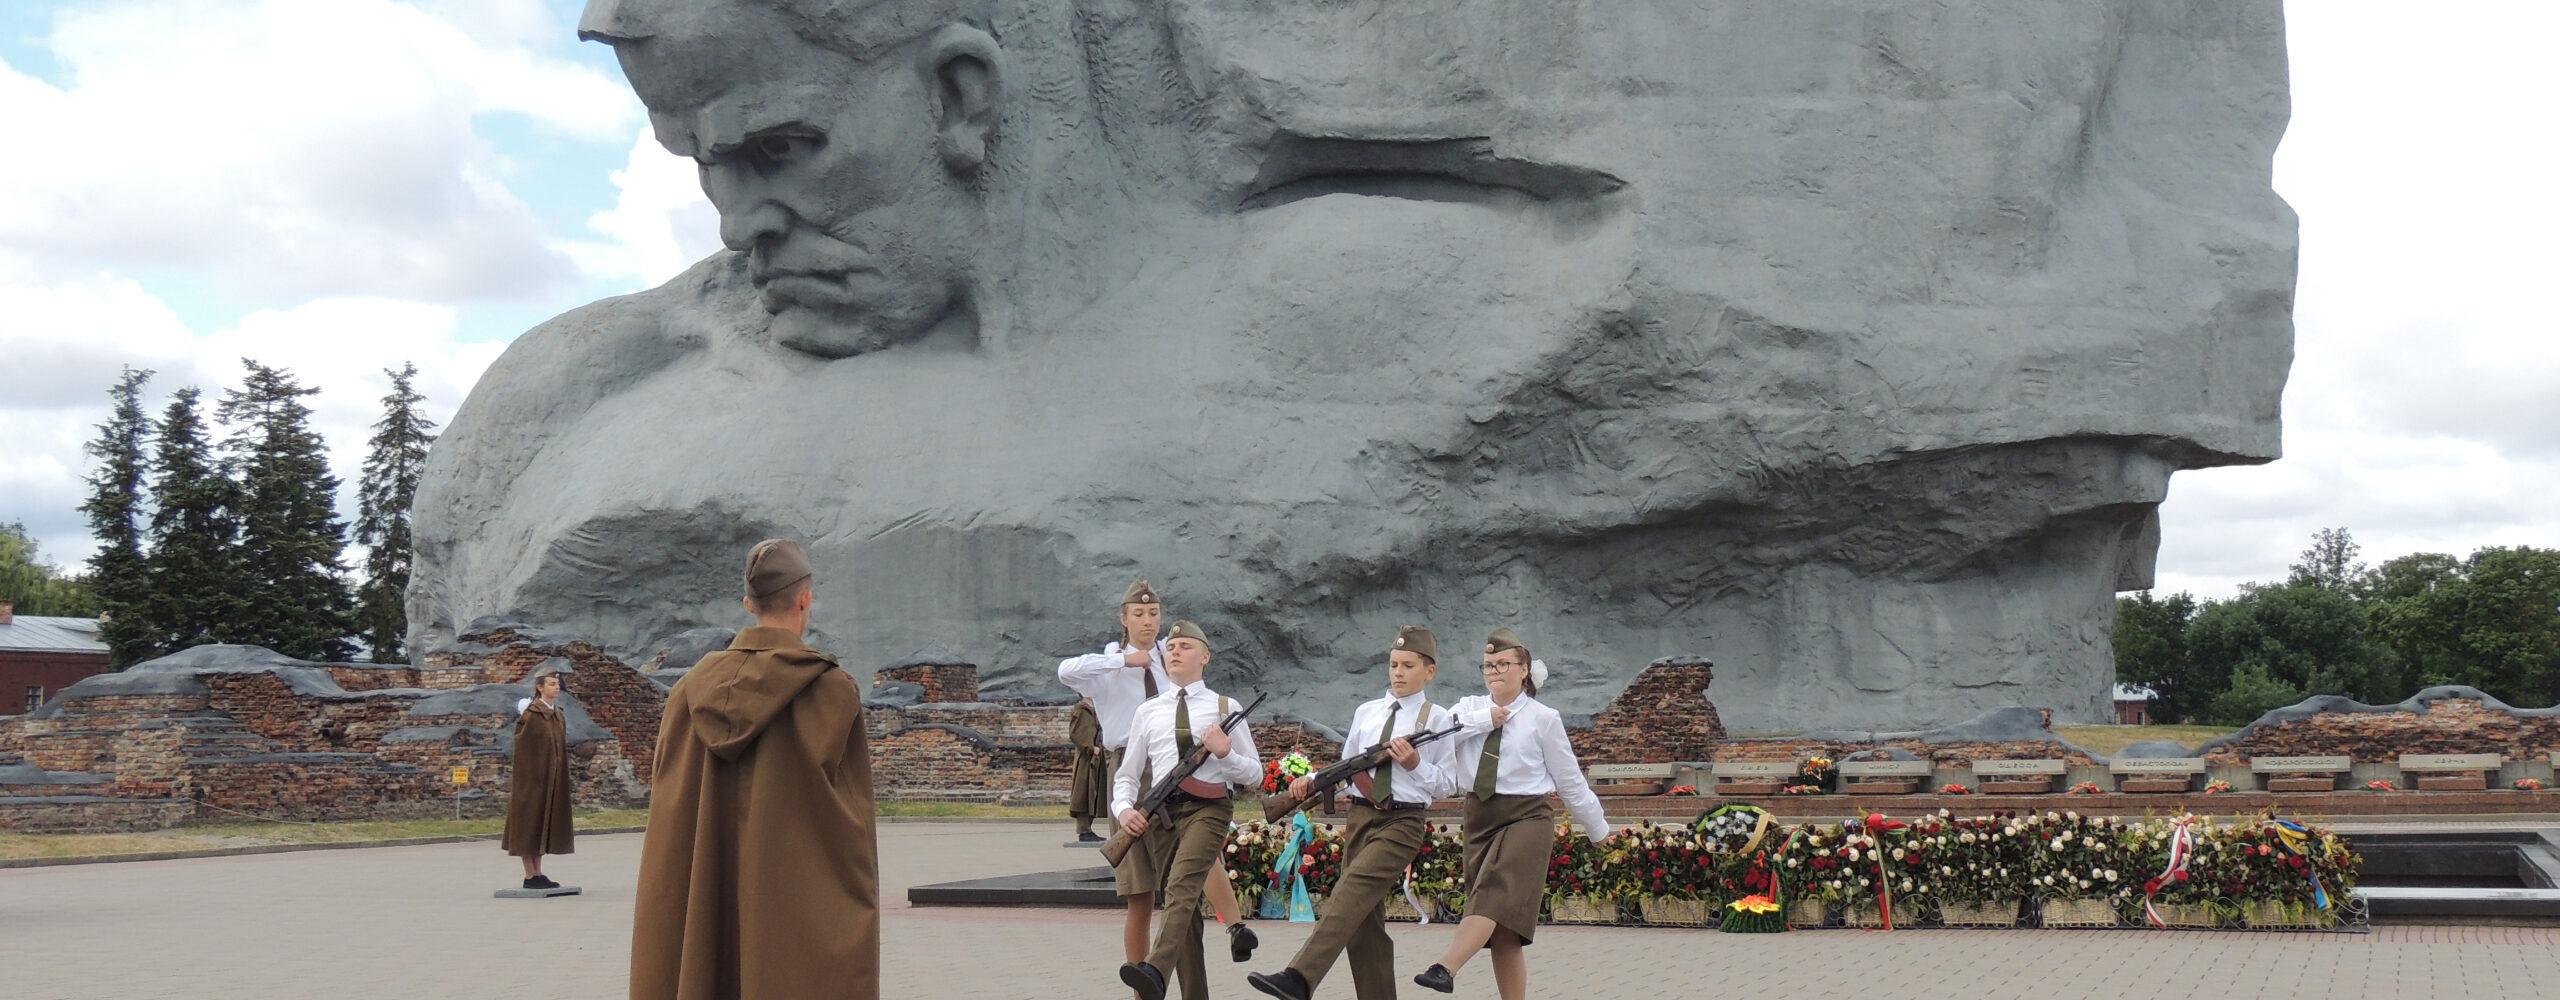 Изсолнечной Сибири вдождливую Беларусь. Часть 6: Брестская крепость